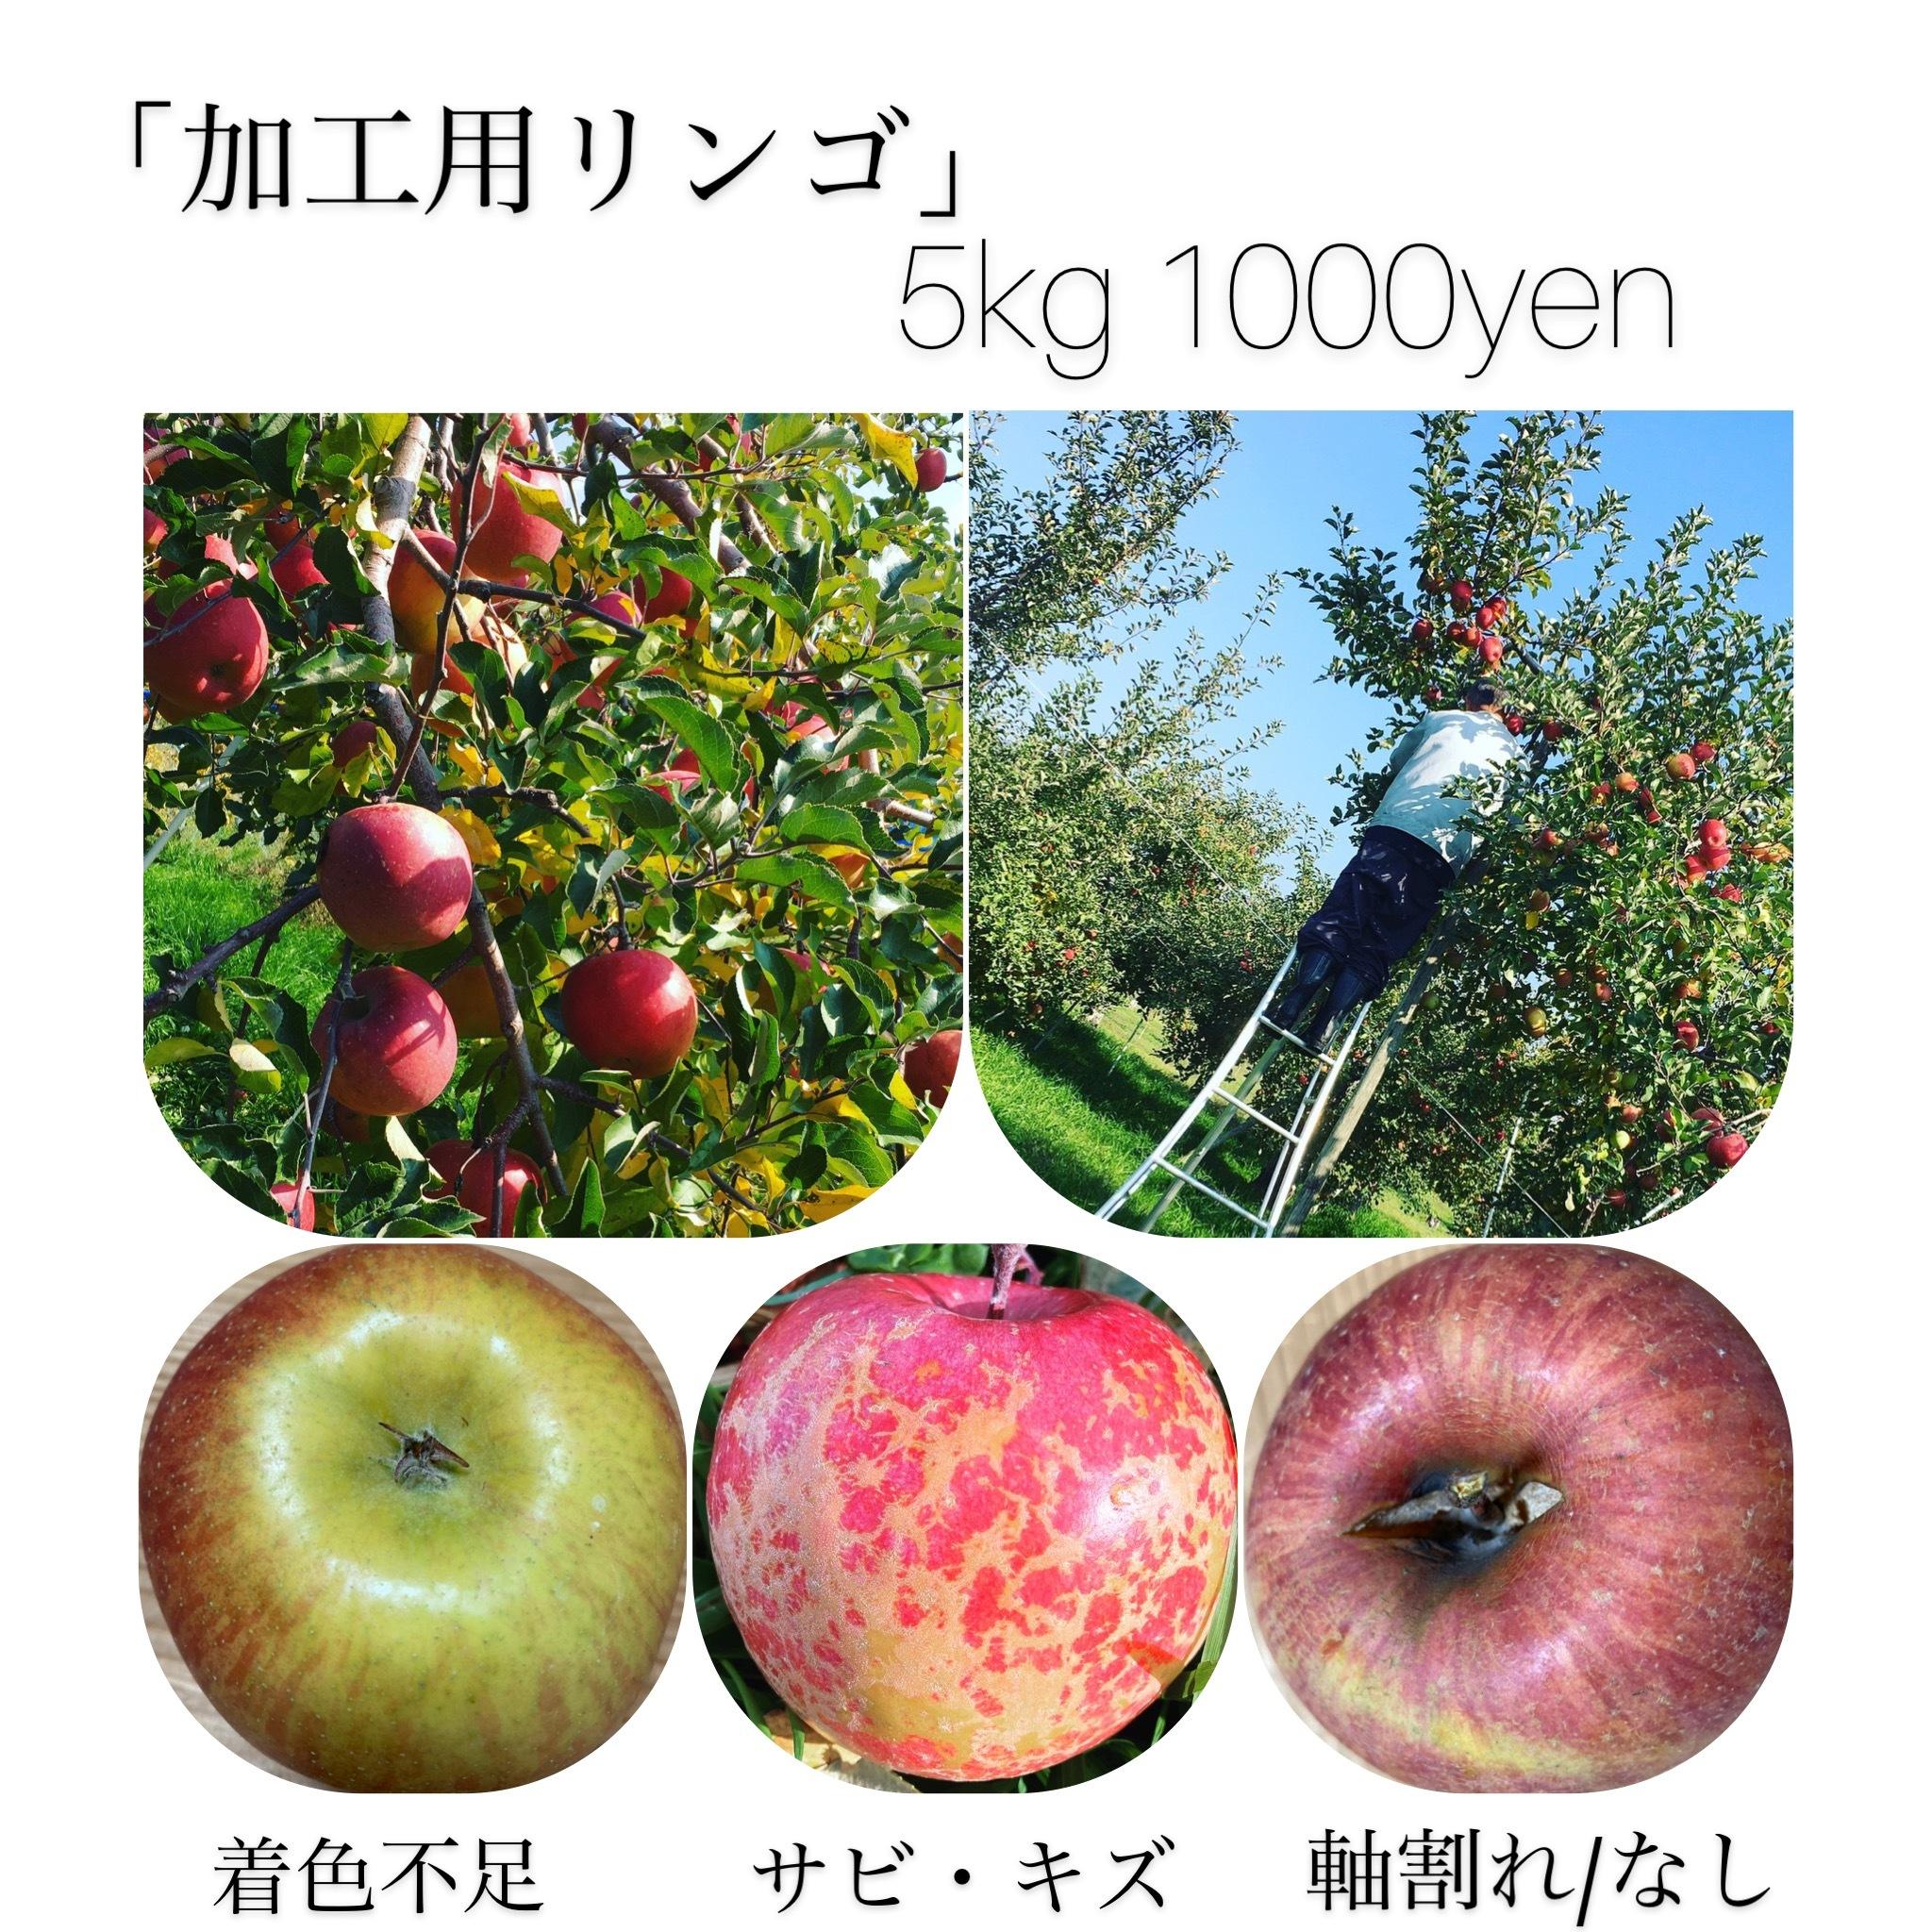 【加工用】ふじ5kg